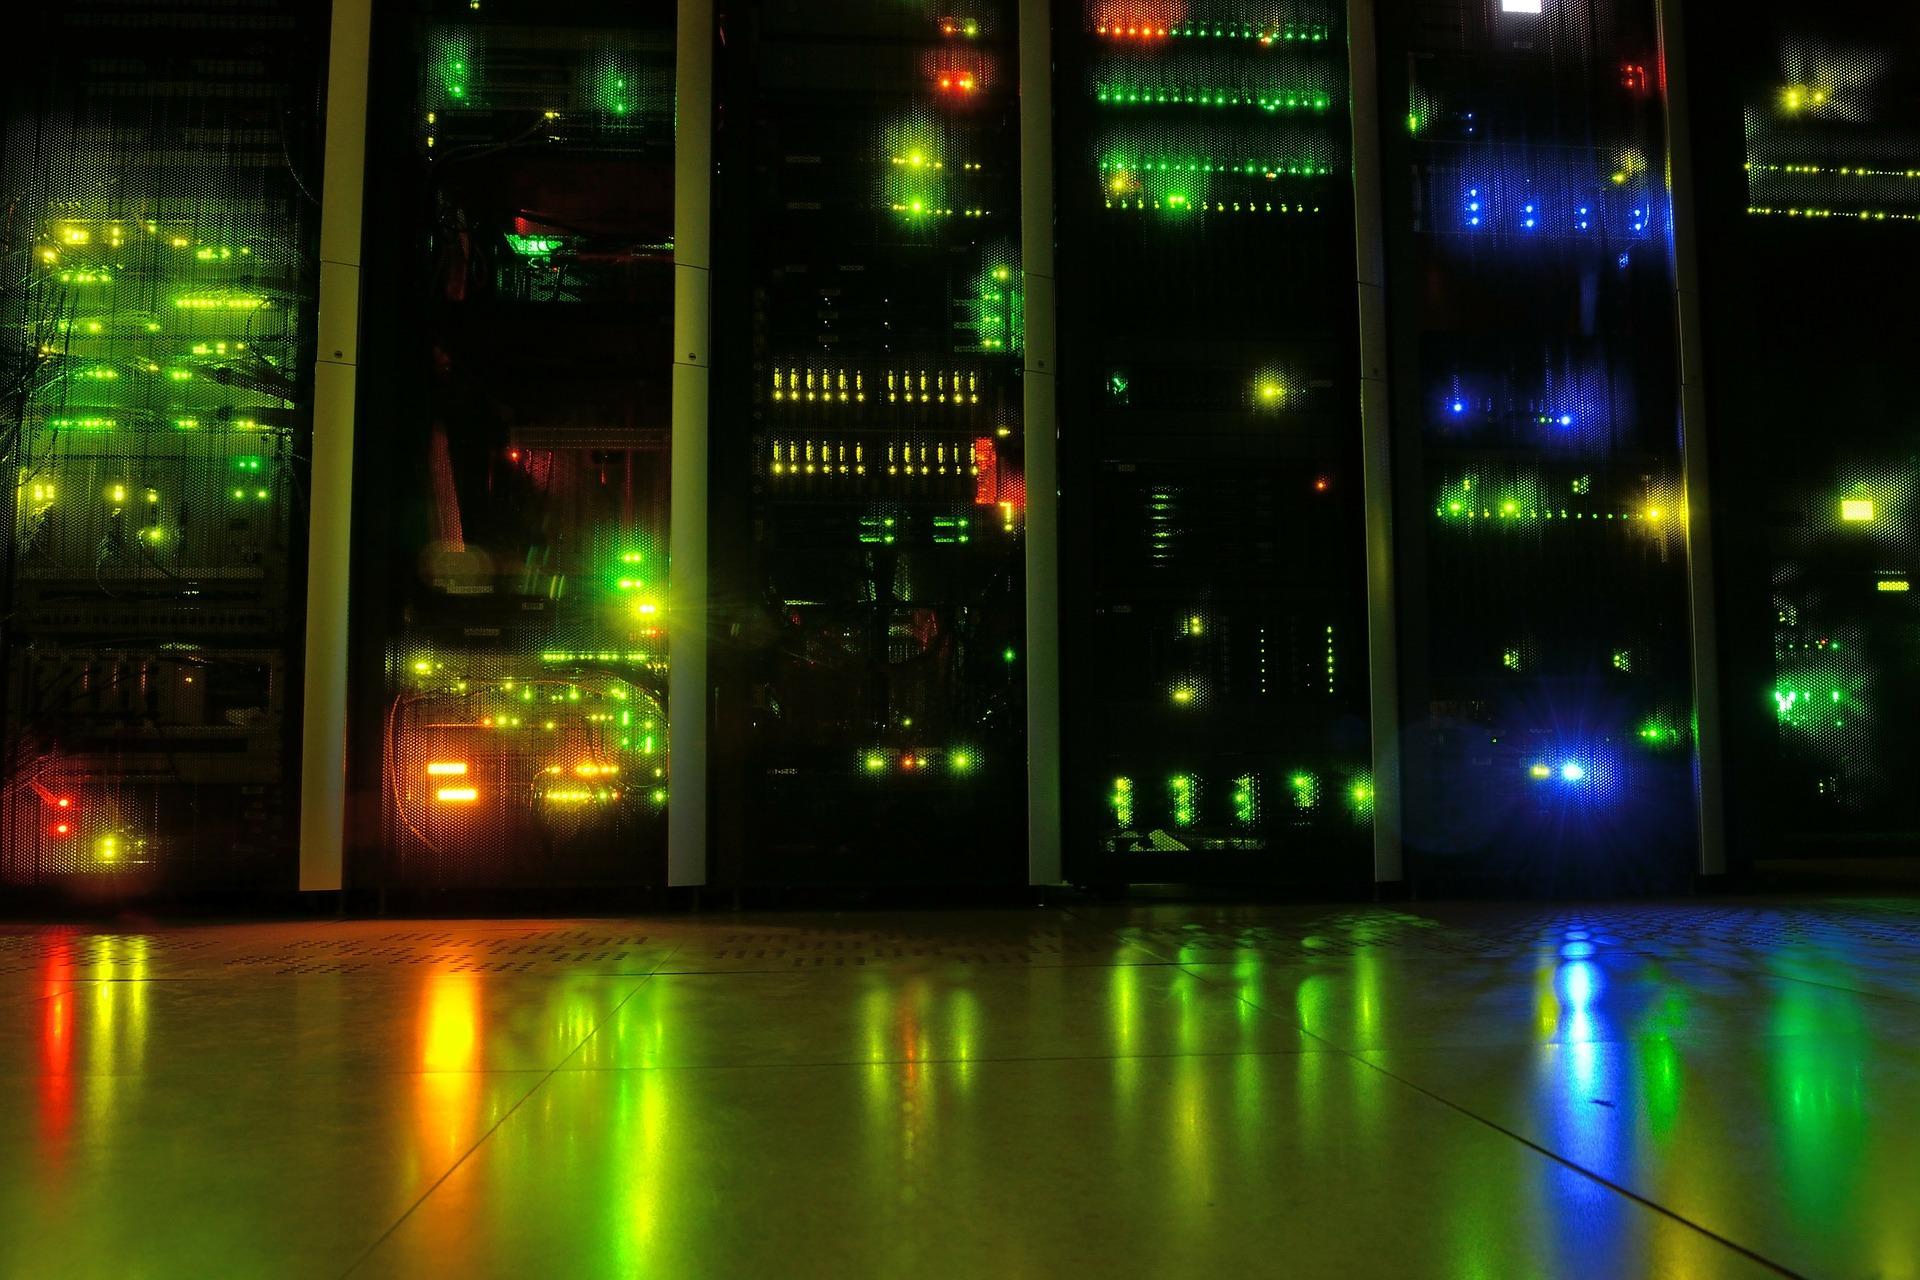 Ein Beispiel für ein Datenzentrum